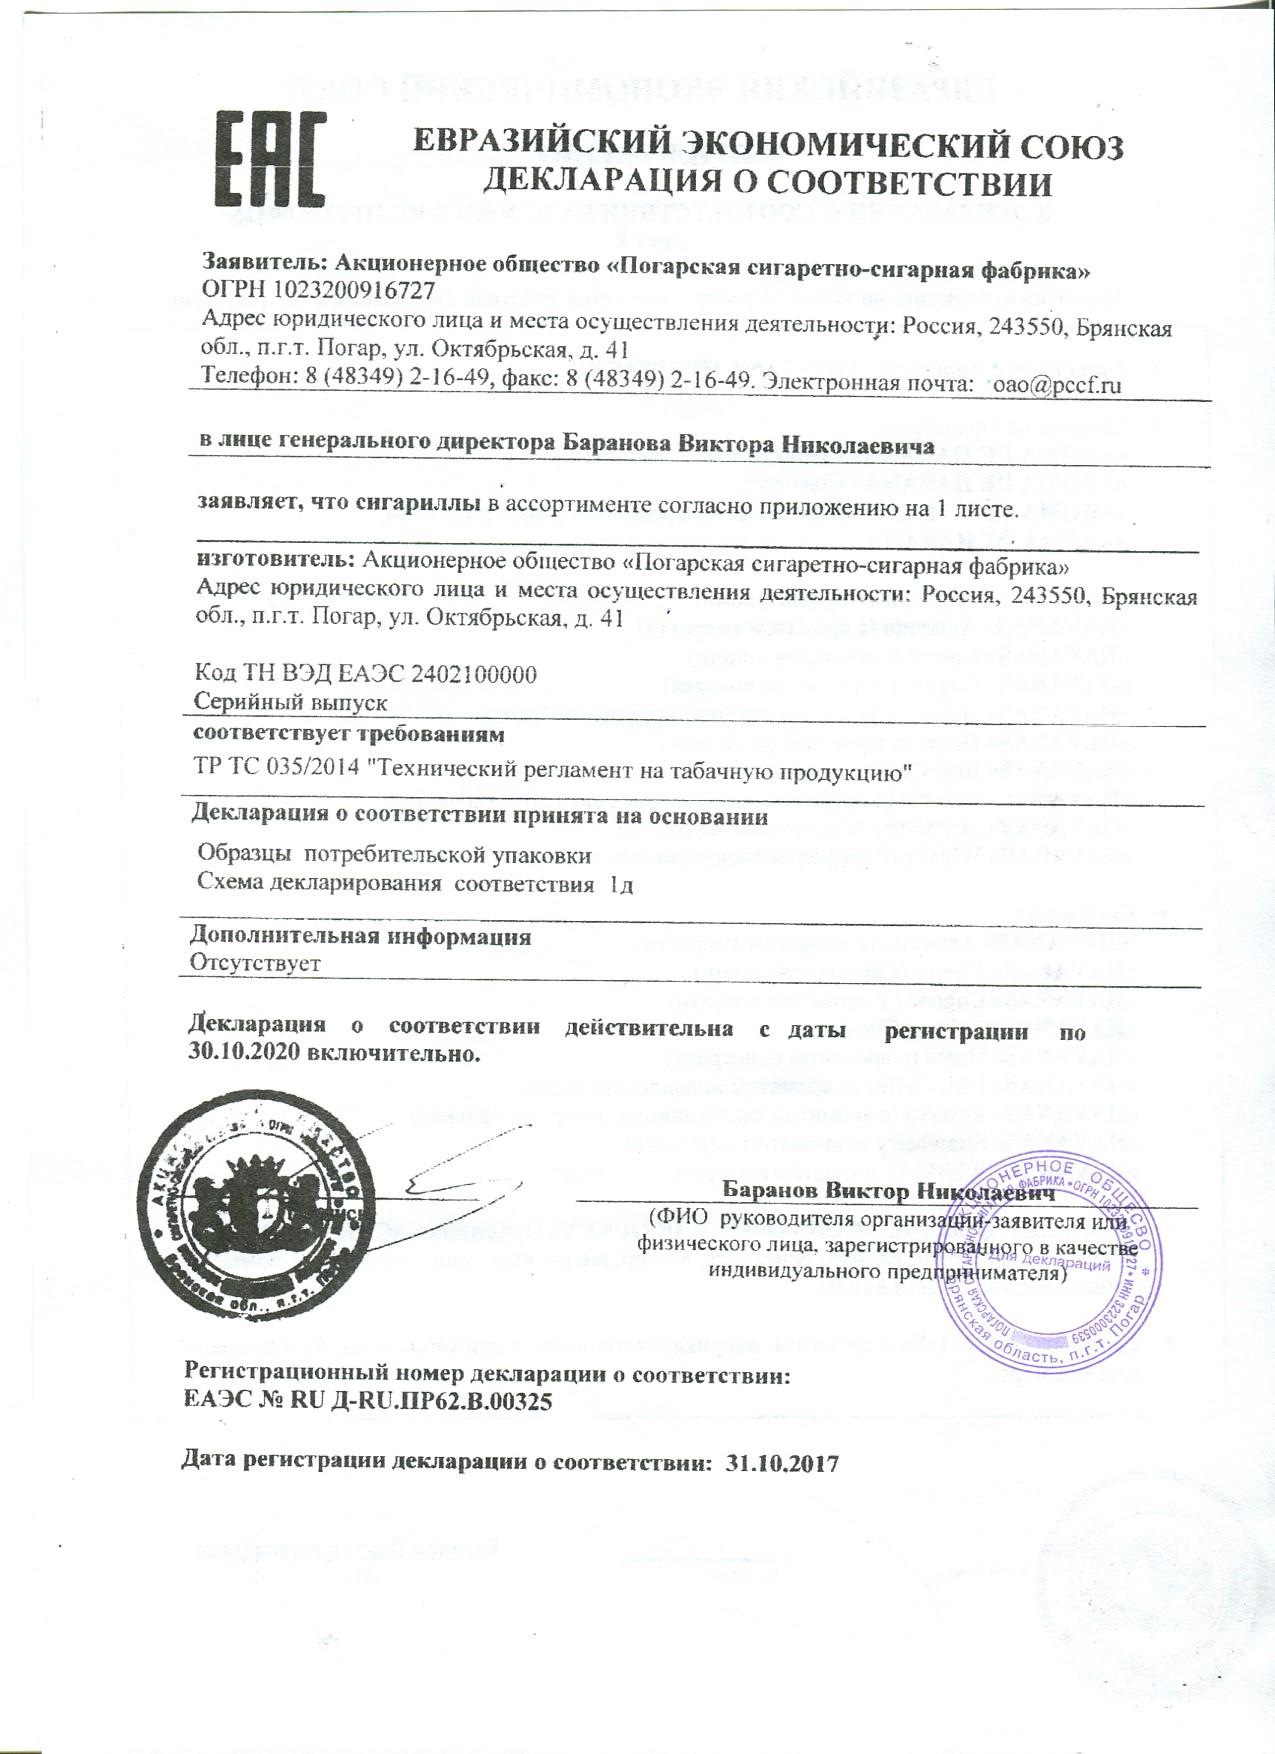 сертификат на табачные изделия